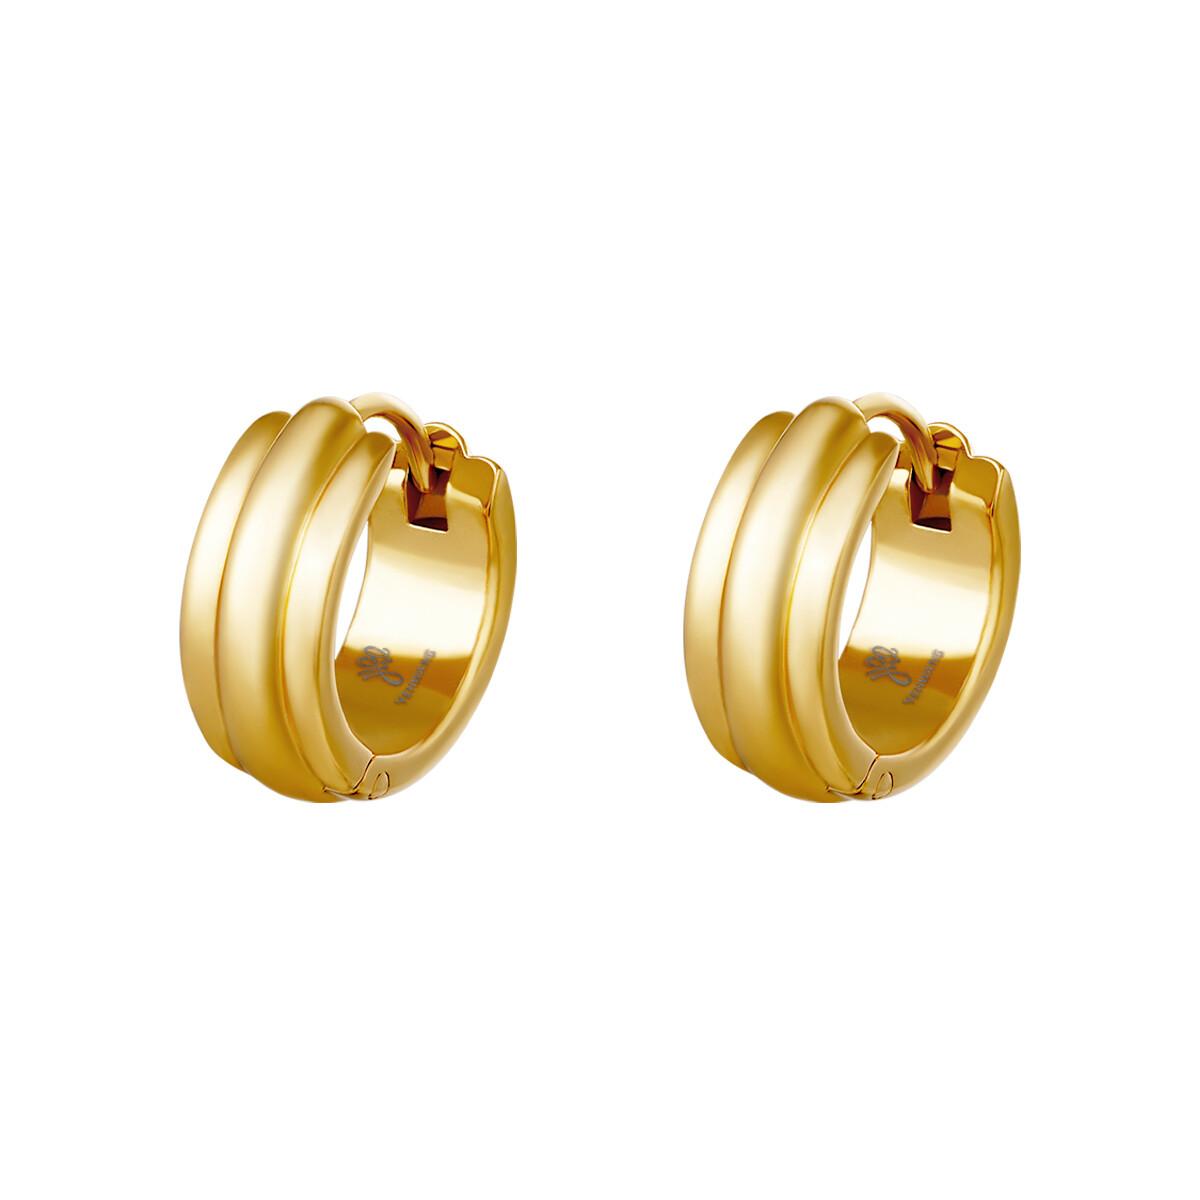 Lijntjes oorbellen goud stainless steel